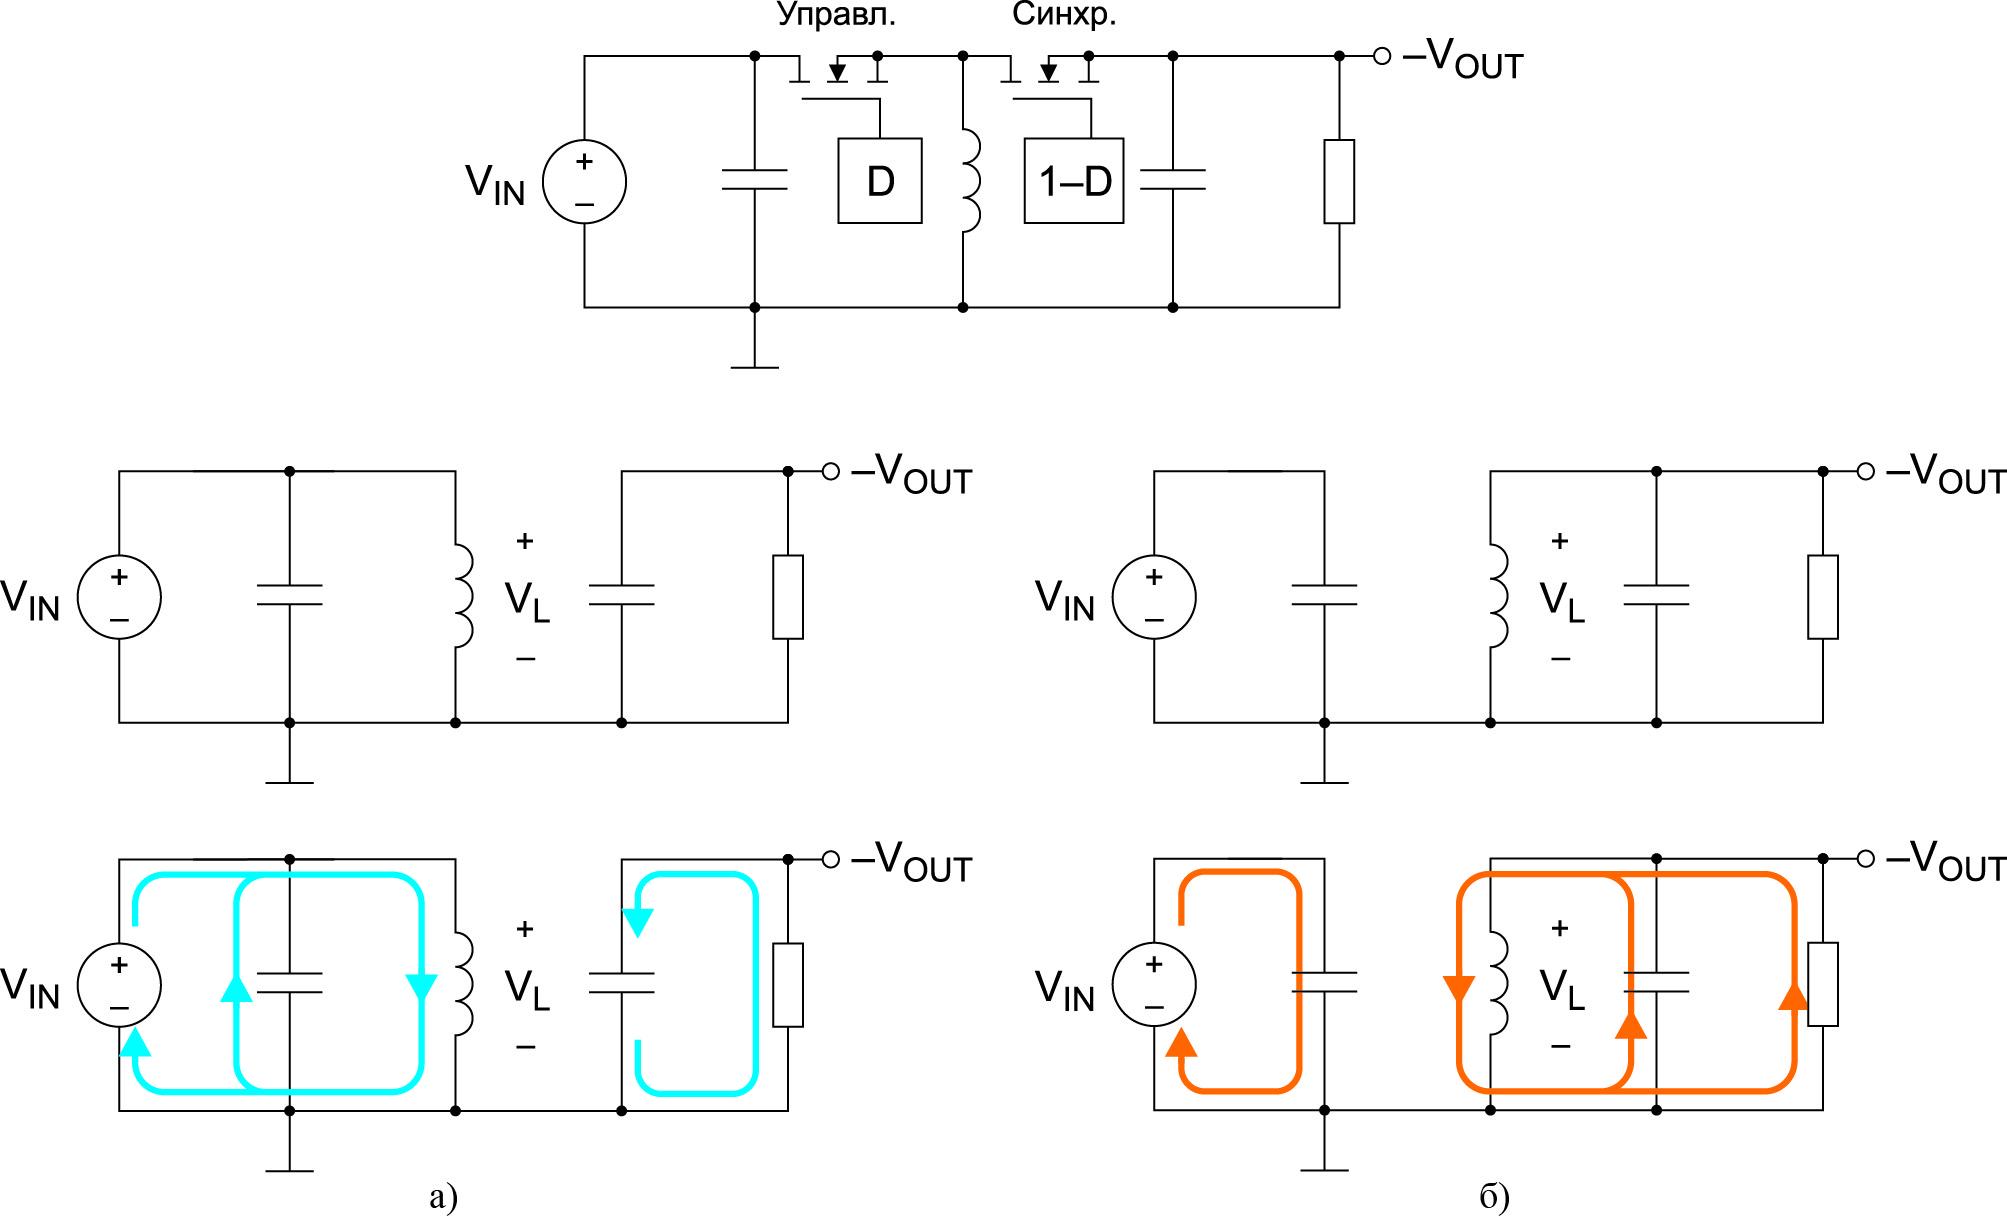 Инвертирующий синхронный «понижающе-повышающий» преобразователь: а) с управляющим MOSFET; б) синхронным MOSFET. Коэффициент заполнения D определяется формулой (2)